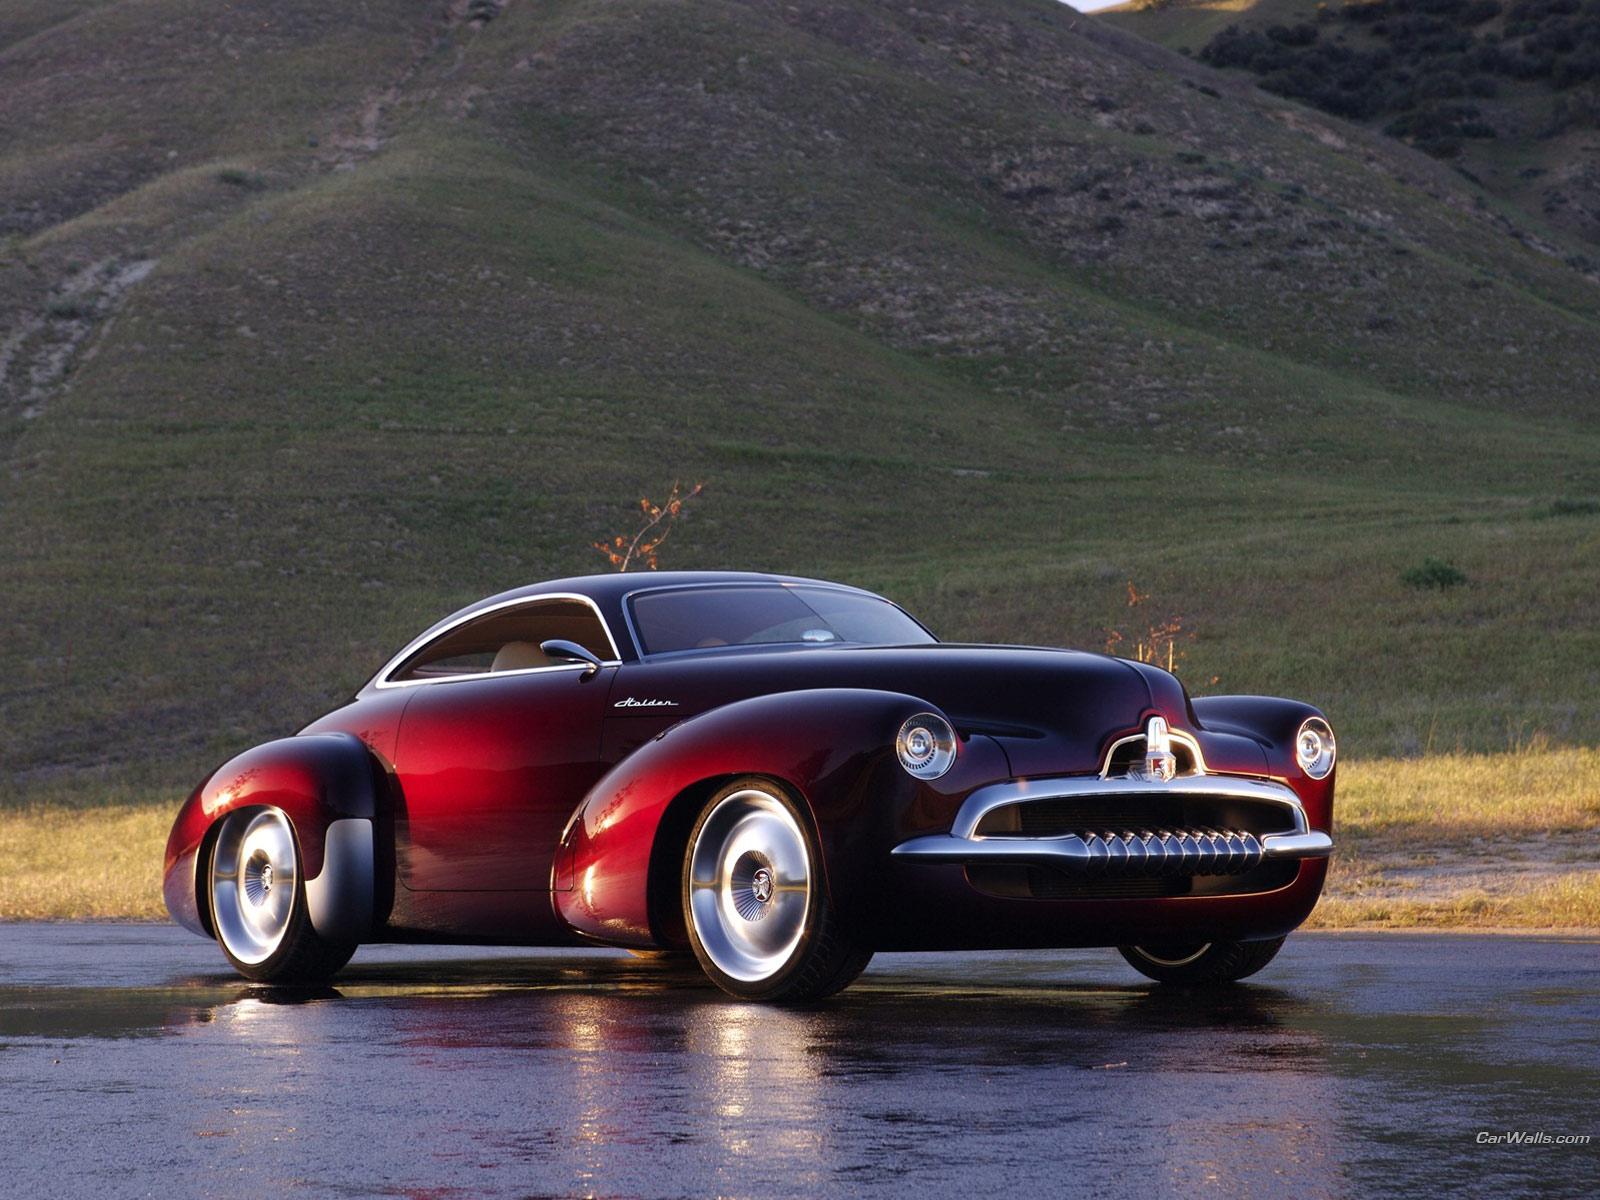 http://2.bp.blogspot.com/_bhgv--YEnj0/S74RUMQ1z-I/AAAAAAAABzo/II-sgTPejl8/s1600/Holden-Efijy-Concept+1.jpg